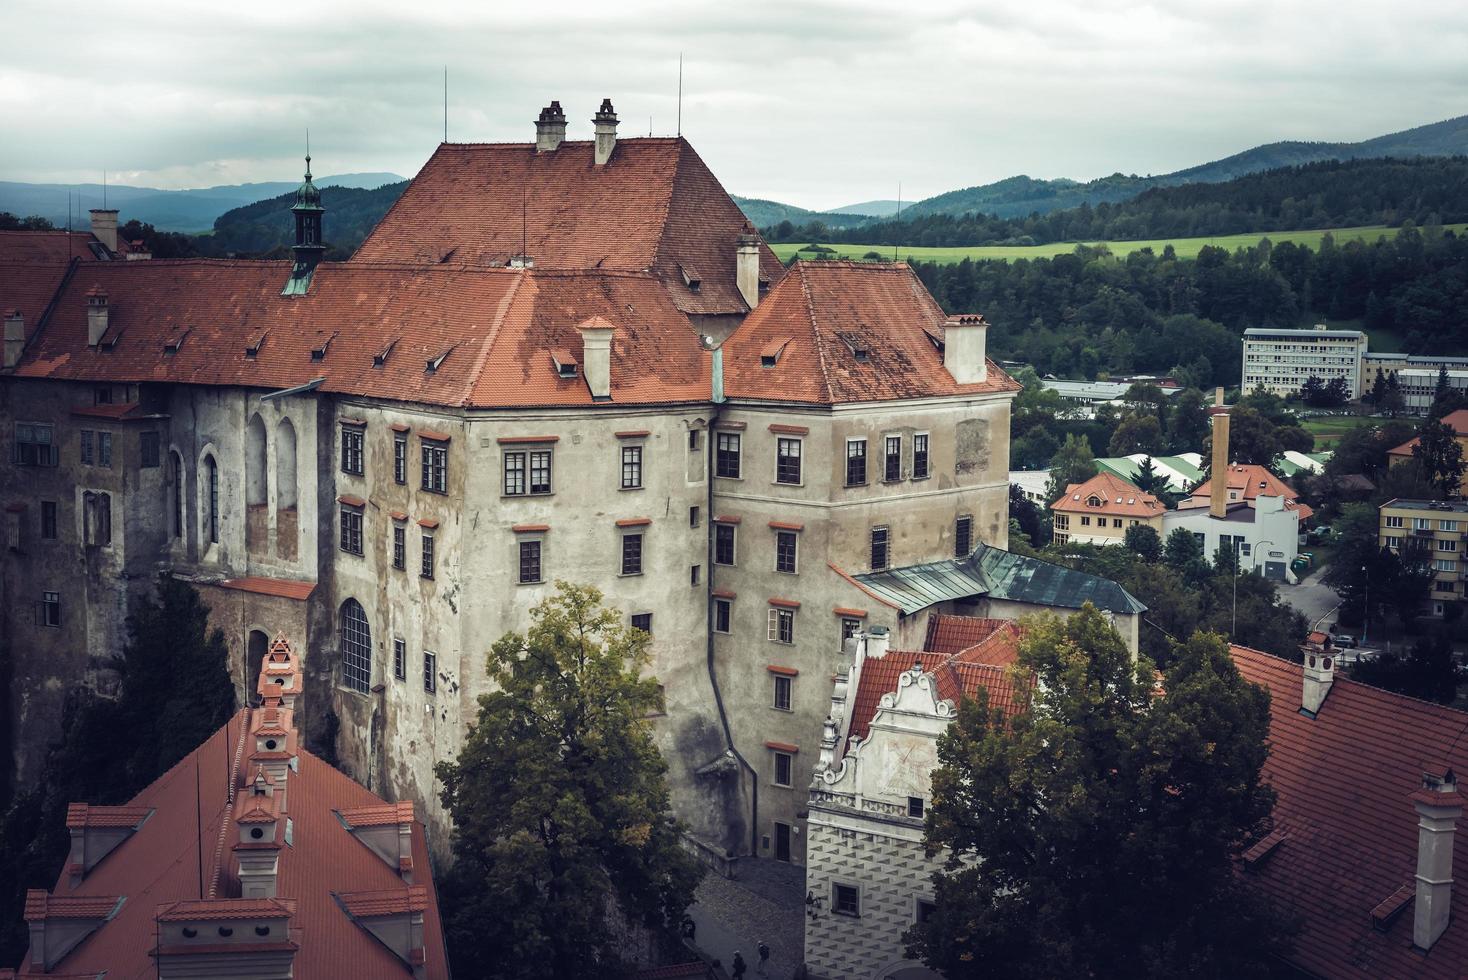 södra Böhmen, Tjeckien 2018 - berömda slottet Cesky Krumlov foto